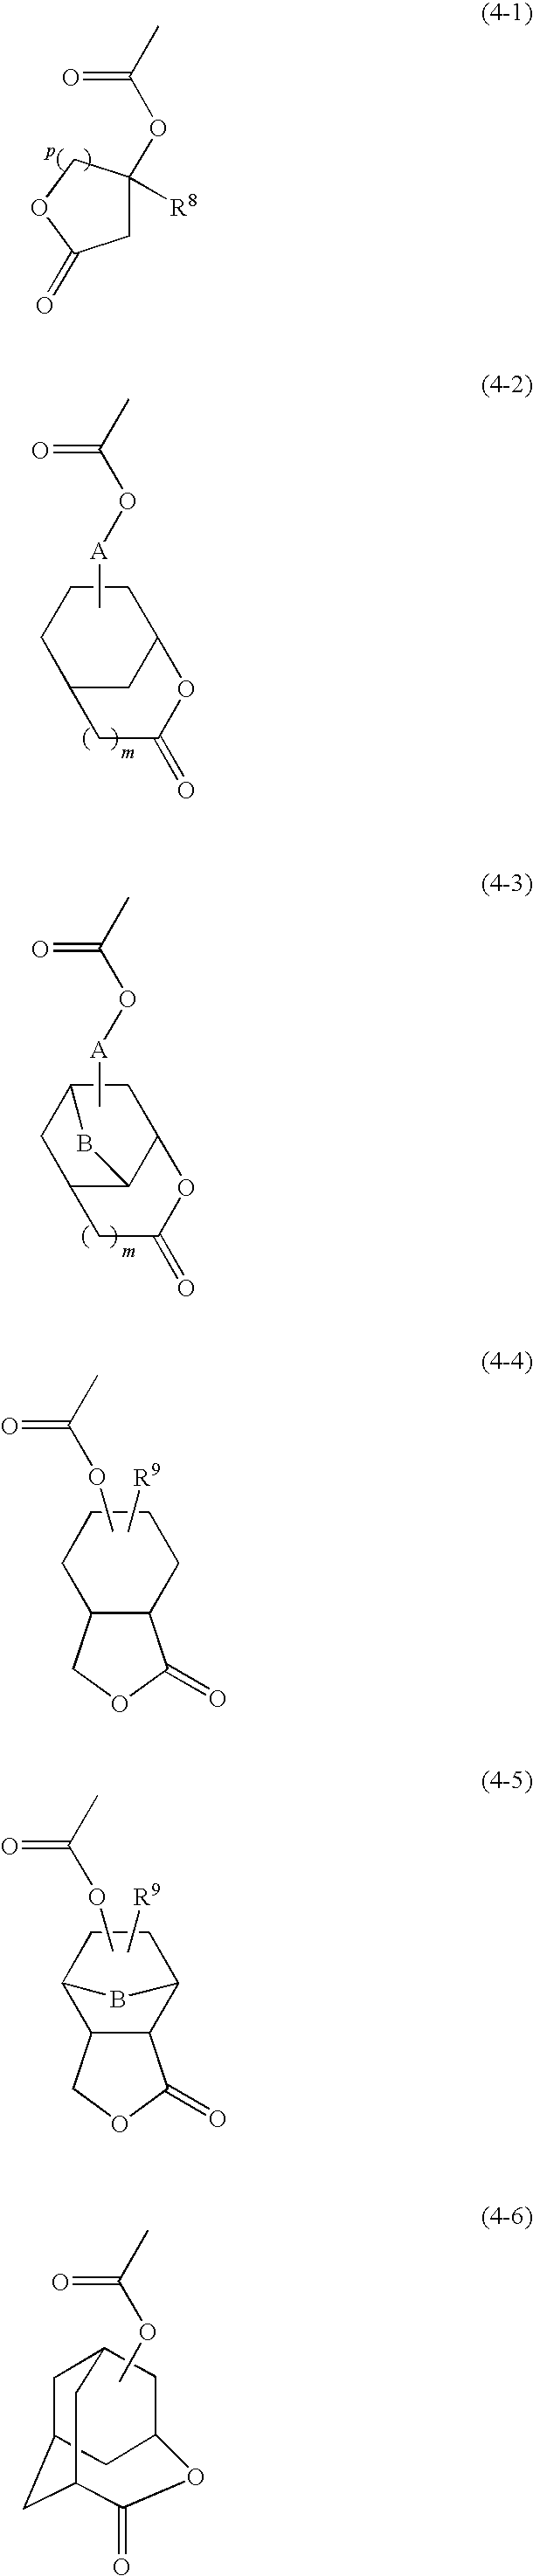 Figure US20100068650A1-20100318-C00054